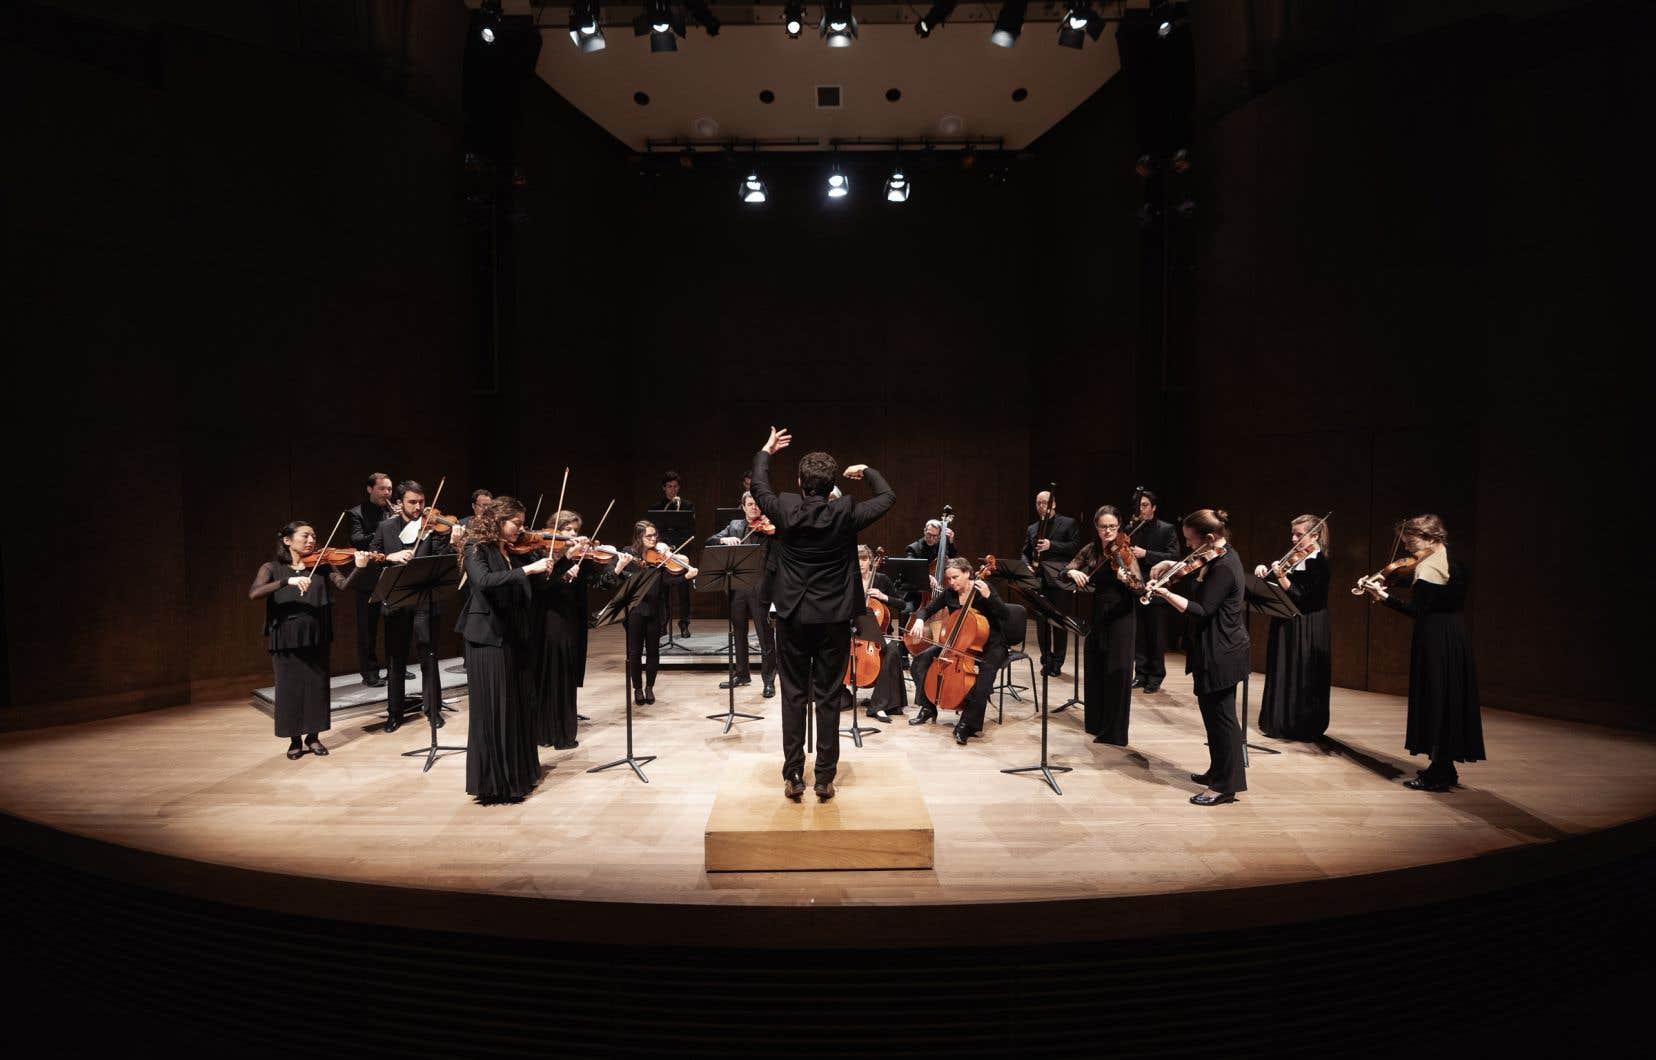 L'Arion Orchestre Baroque photographié en janvier 2020